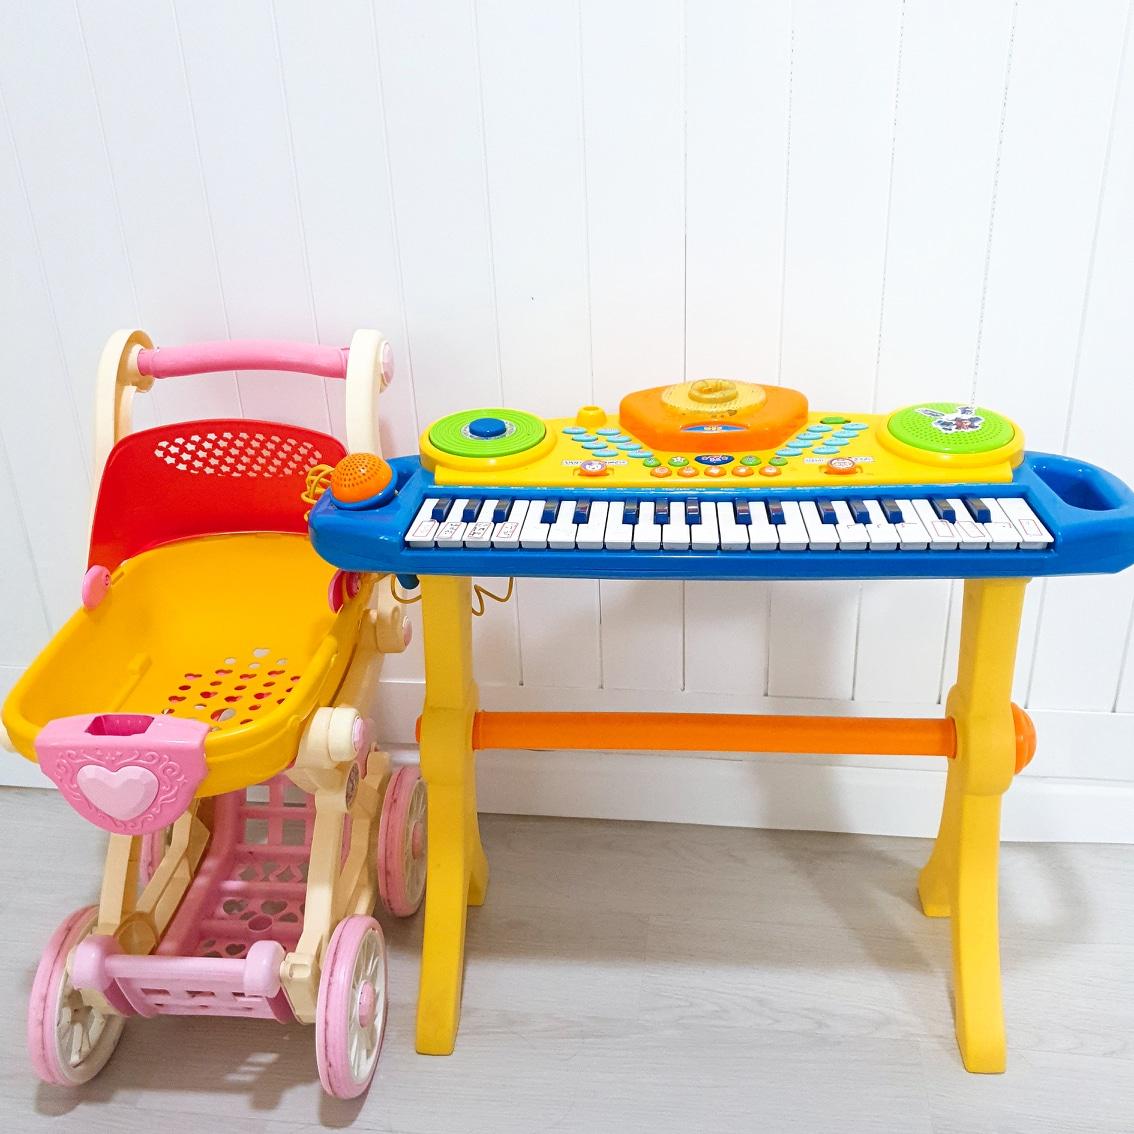 유아 장난감 카트(장난감피아노 무료나눔)